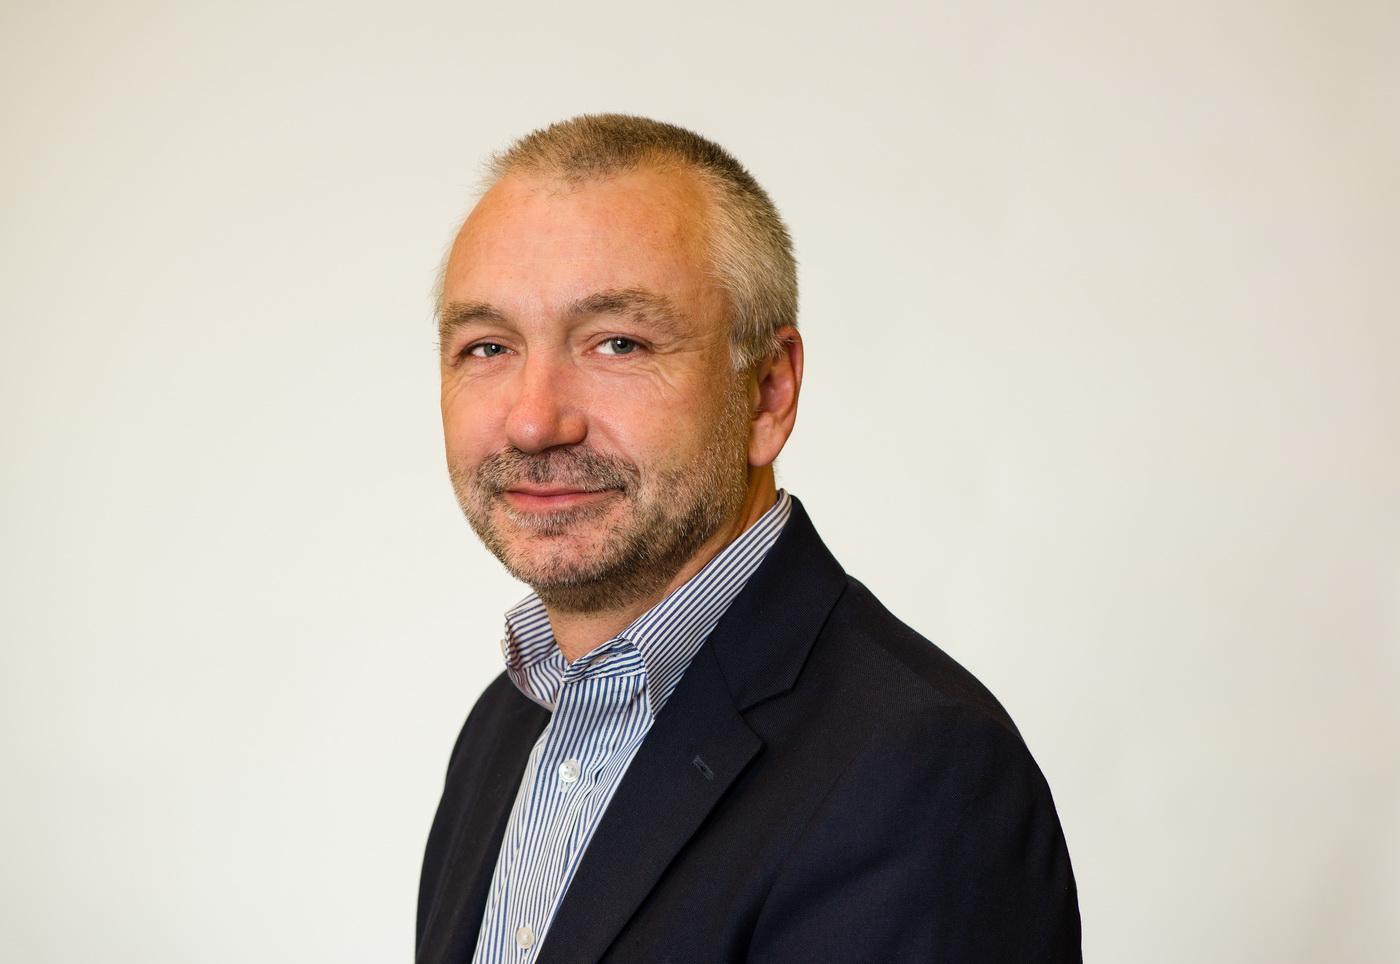 Paul Neutz